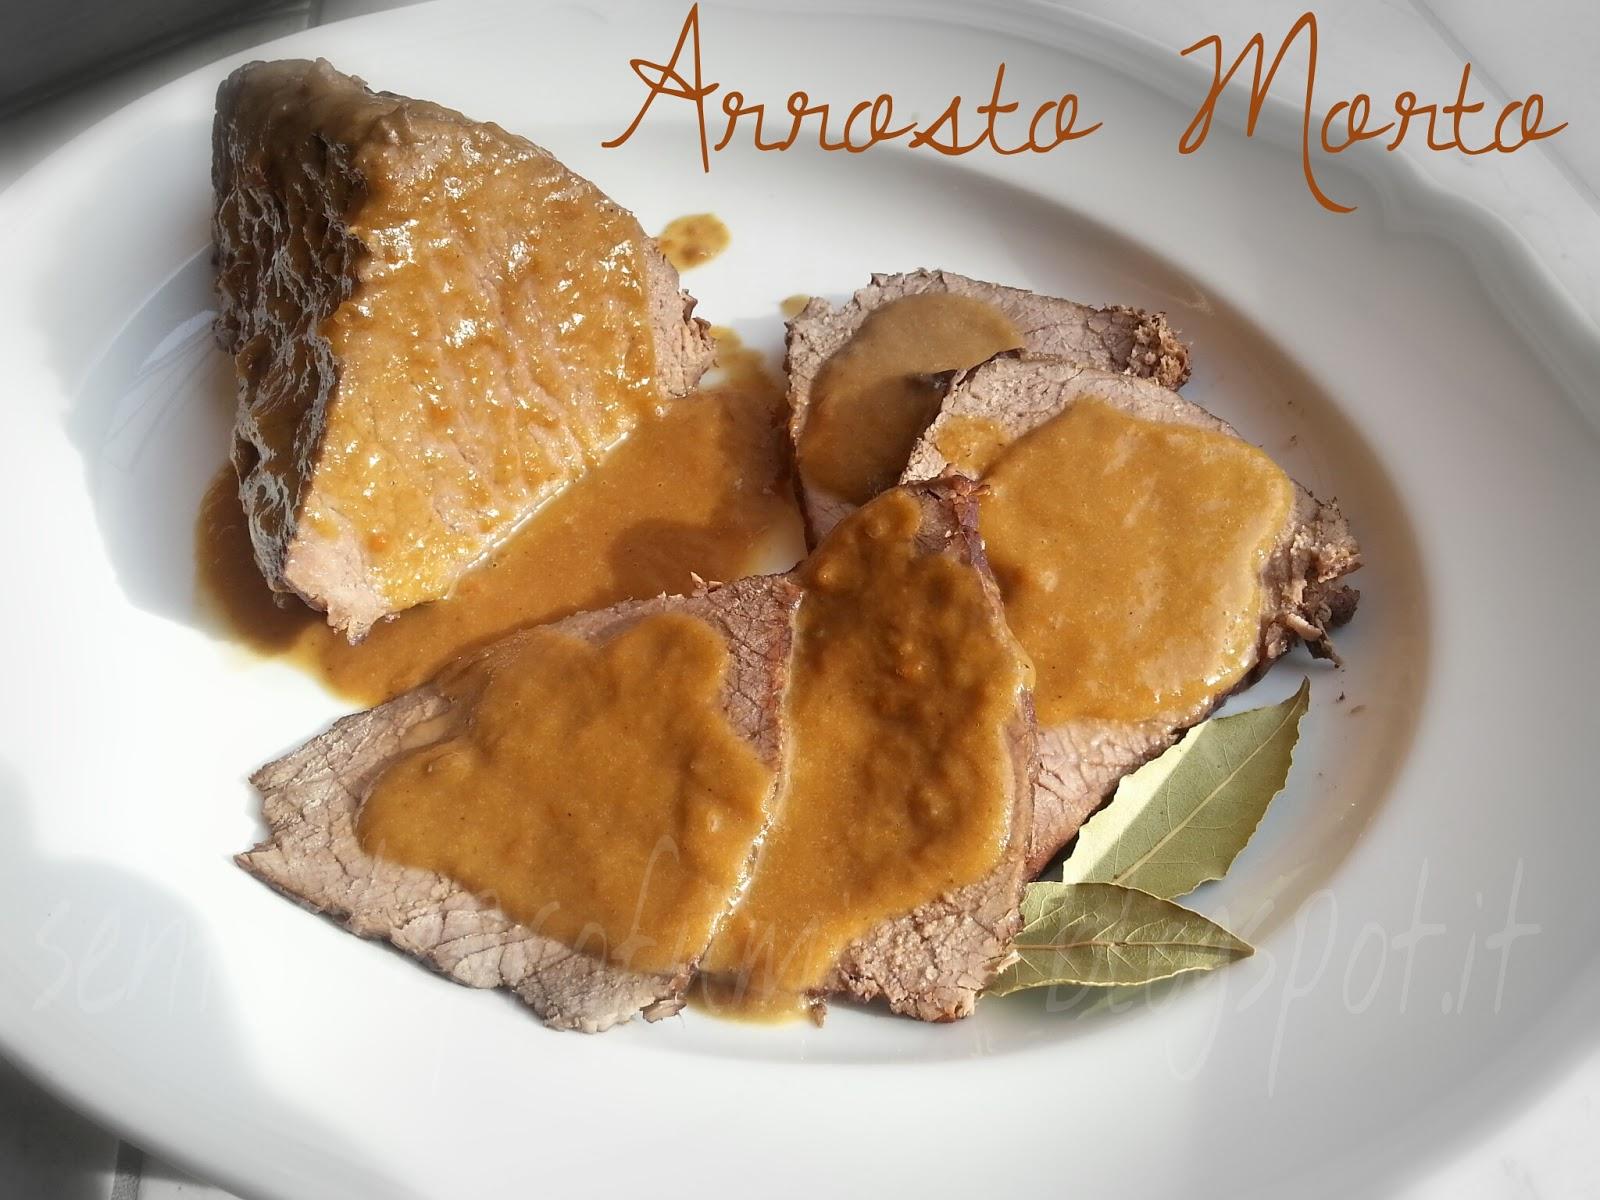 Arrosto morto, Cucina tradizionale Toscana